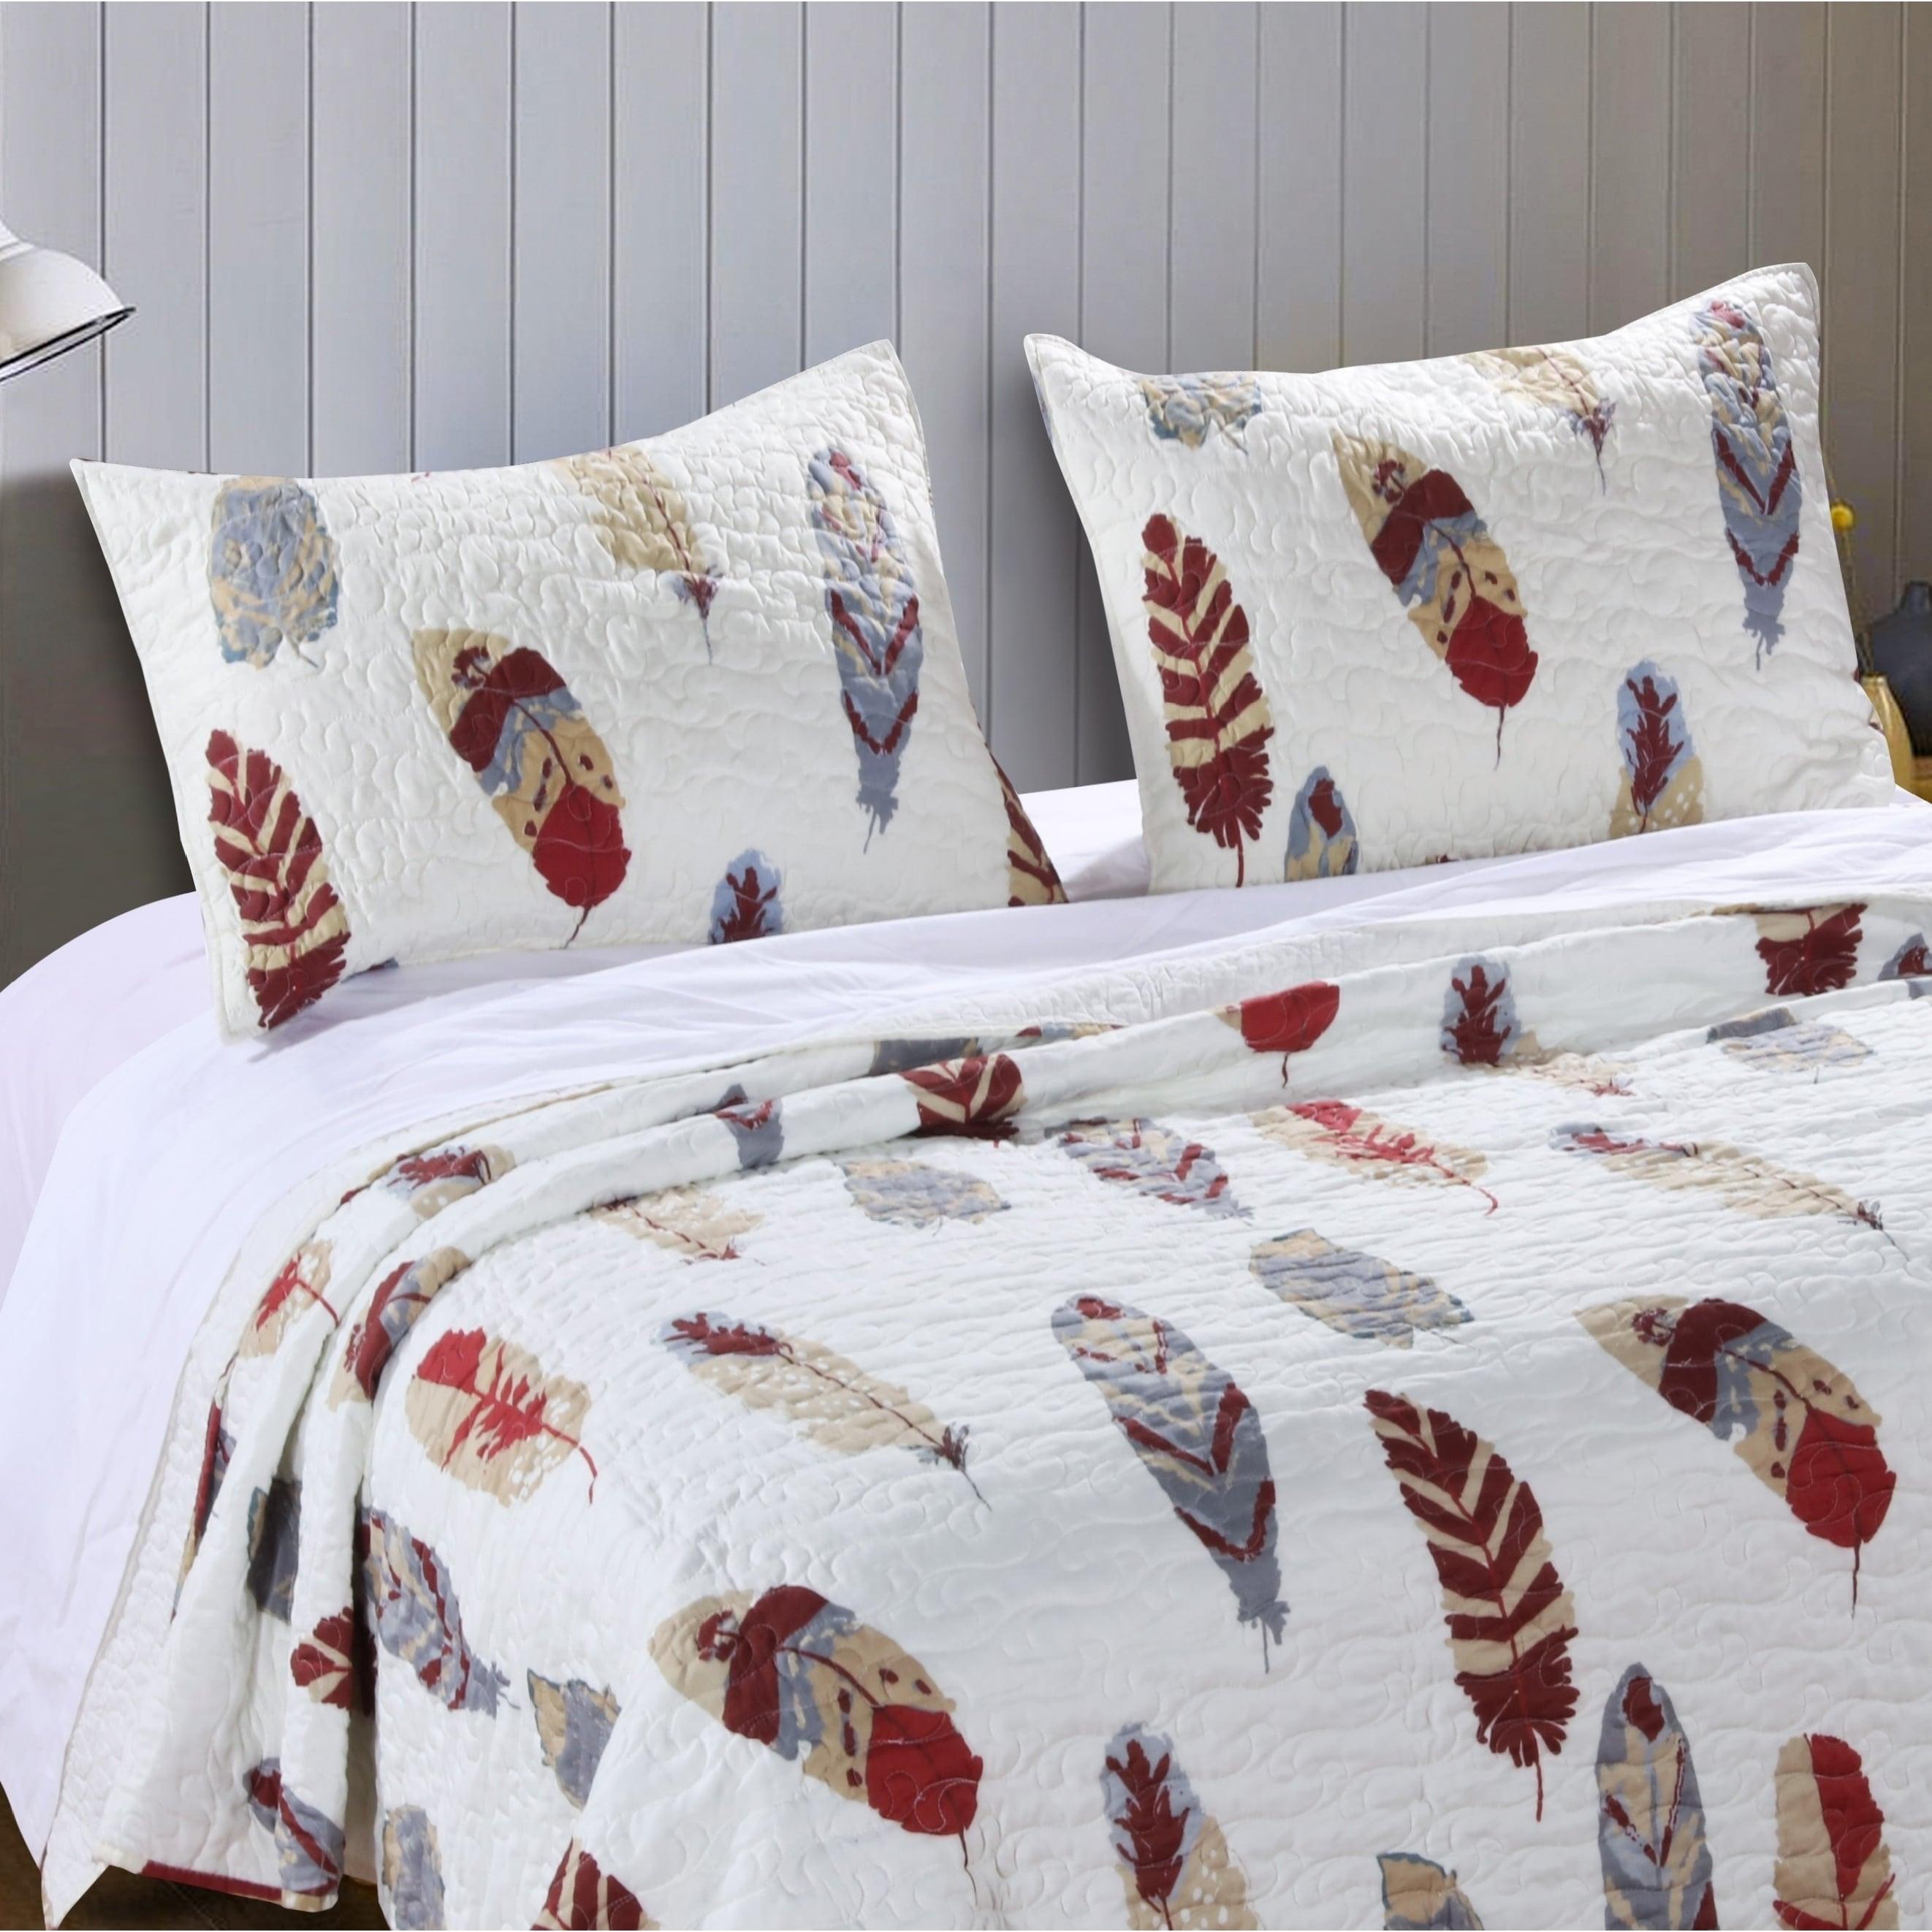 Part Bed Sheet Modern Bedroom 100/% Cotton Pillow Sham Swirl 3-in-1 Pillowcase